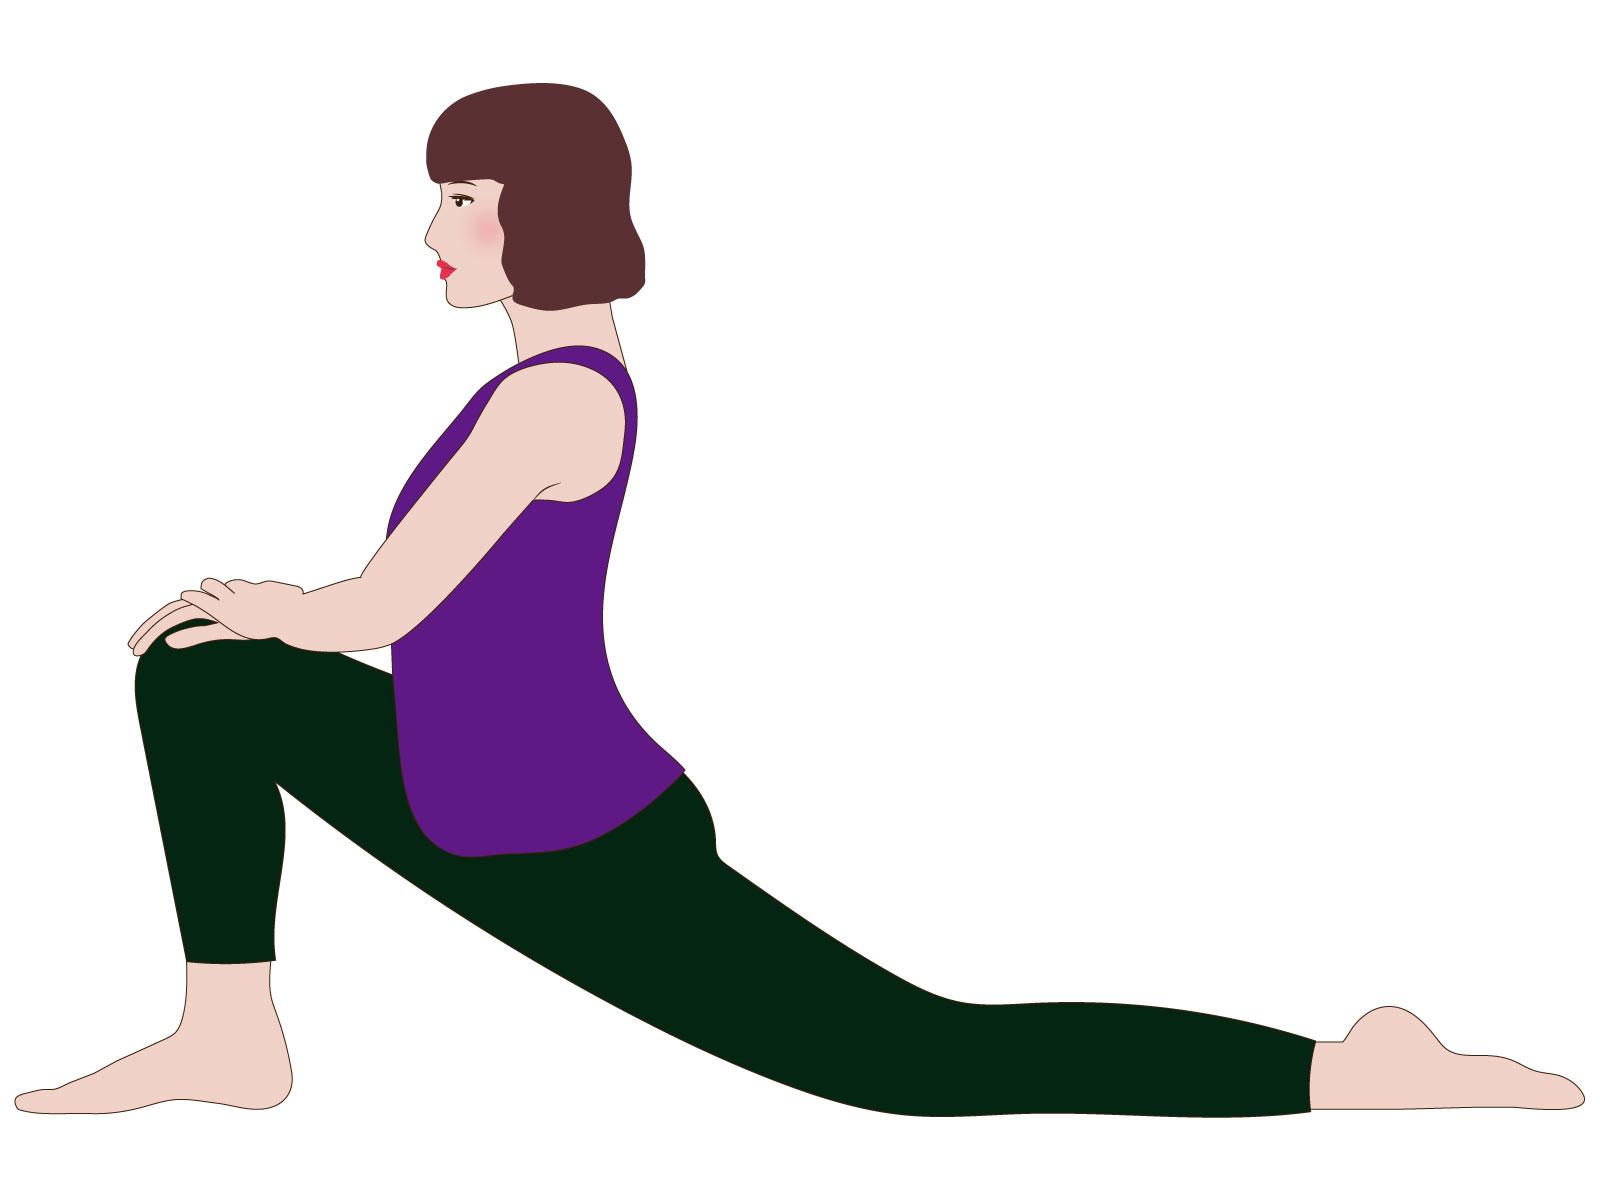 腸腰筋 ストレッチ イラスト 女性 ヨガ